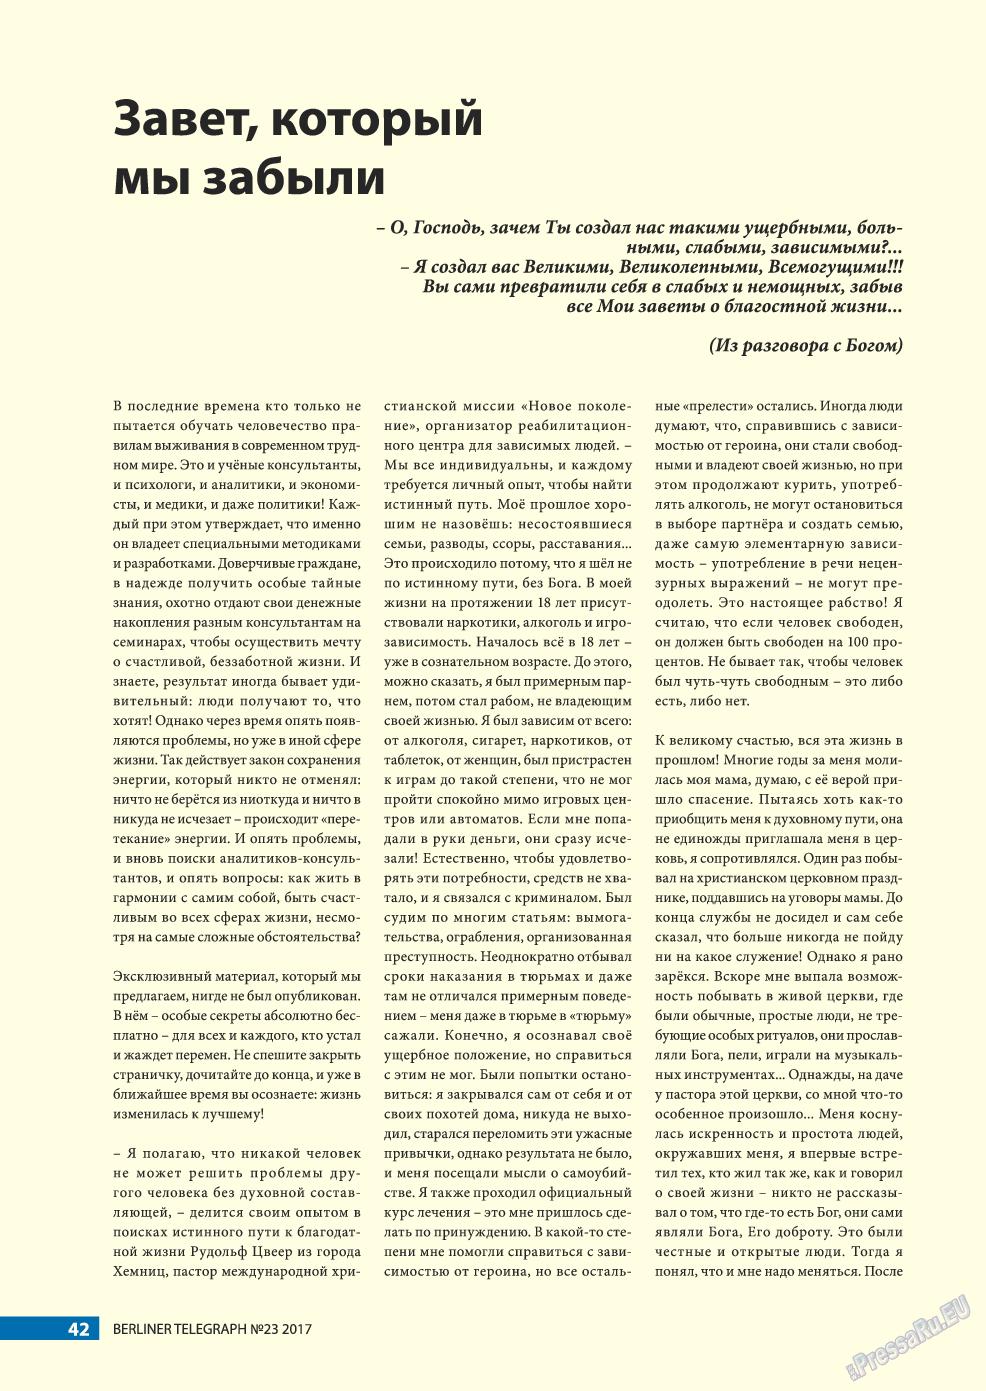 Берлинский телеграф (журнал). 2017 год, номер 23, стр. 42